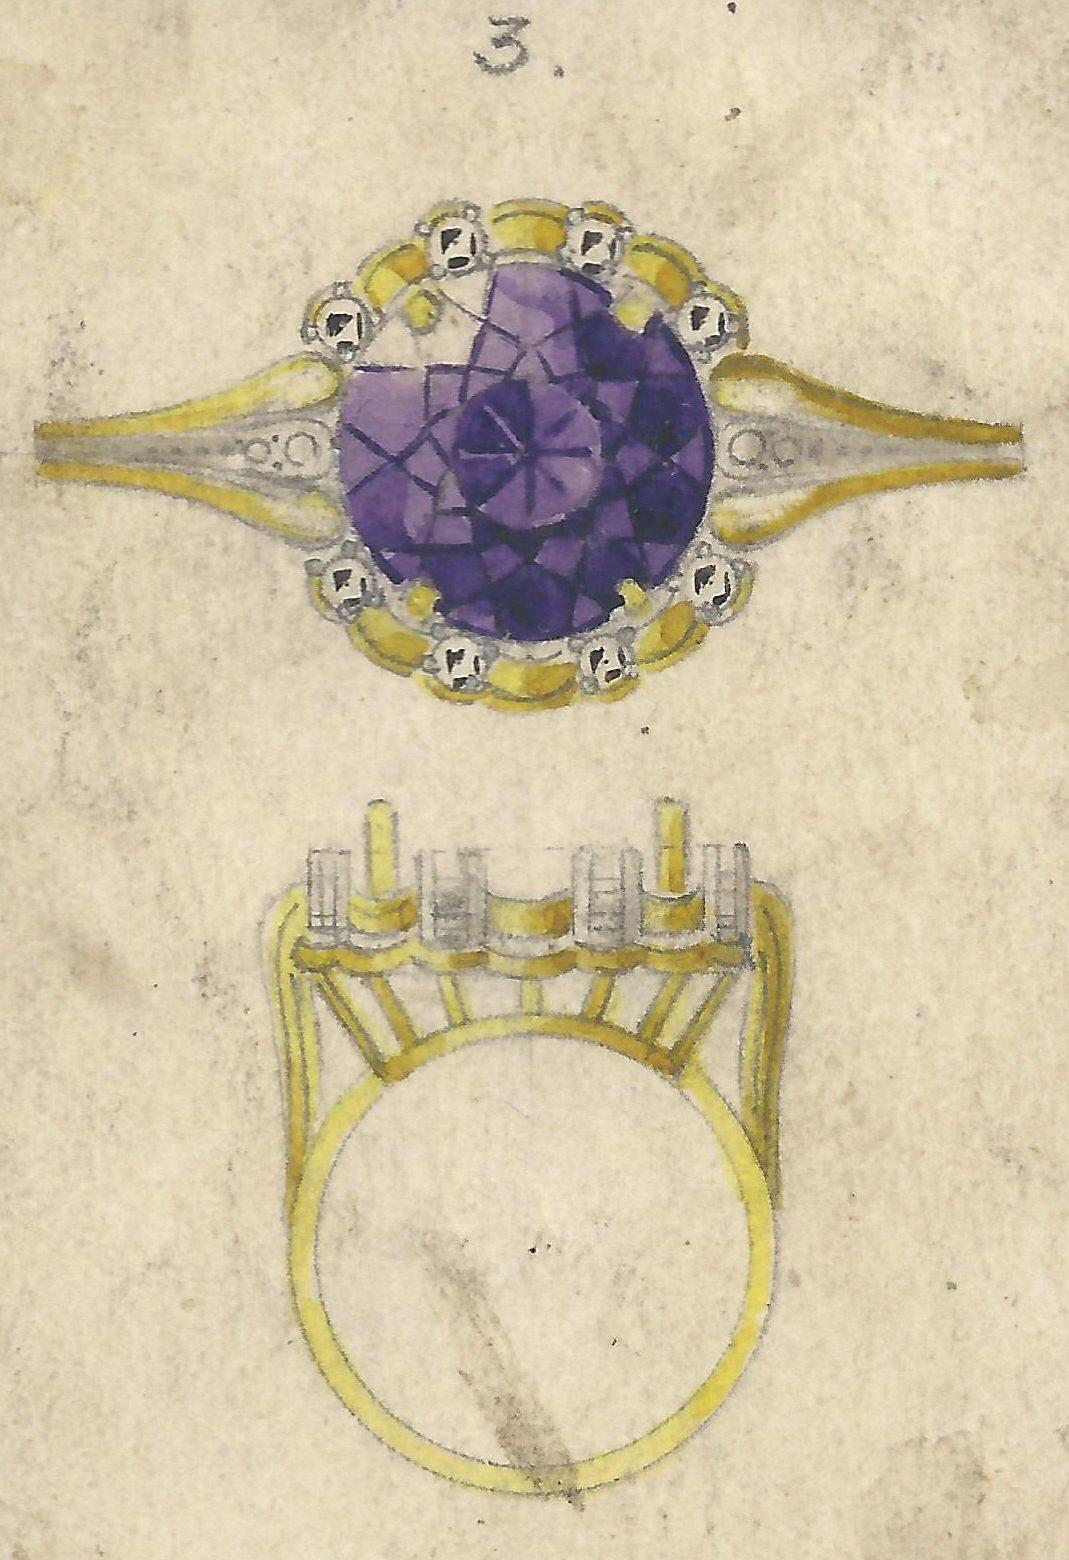 Fritz Eberle, ontwerptekening ring, 1940-1960. Foto met dank aan Grafische Sammlung Stern©